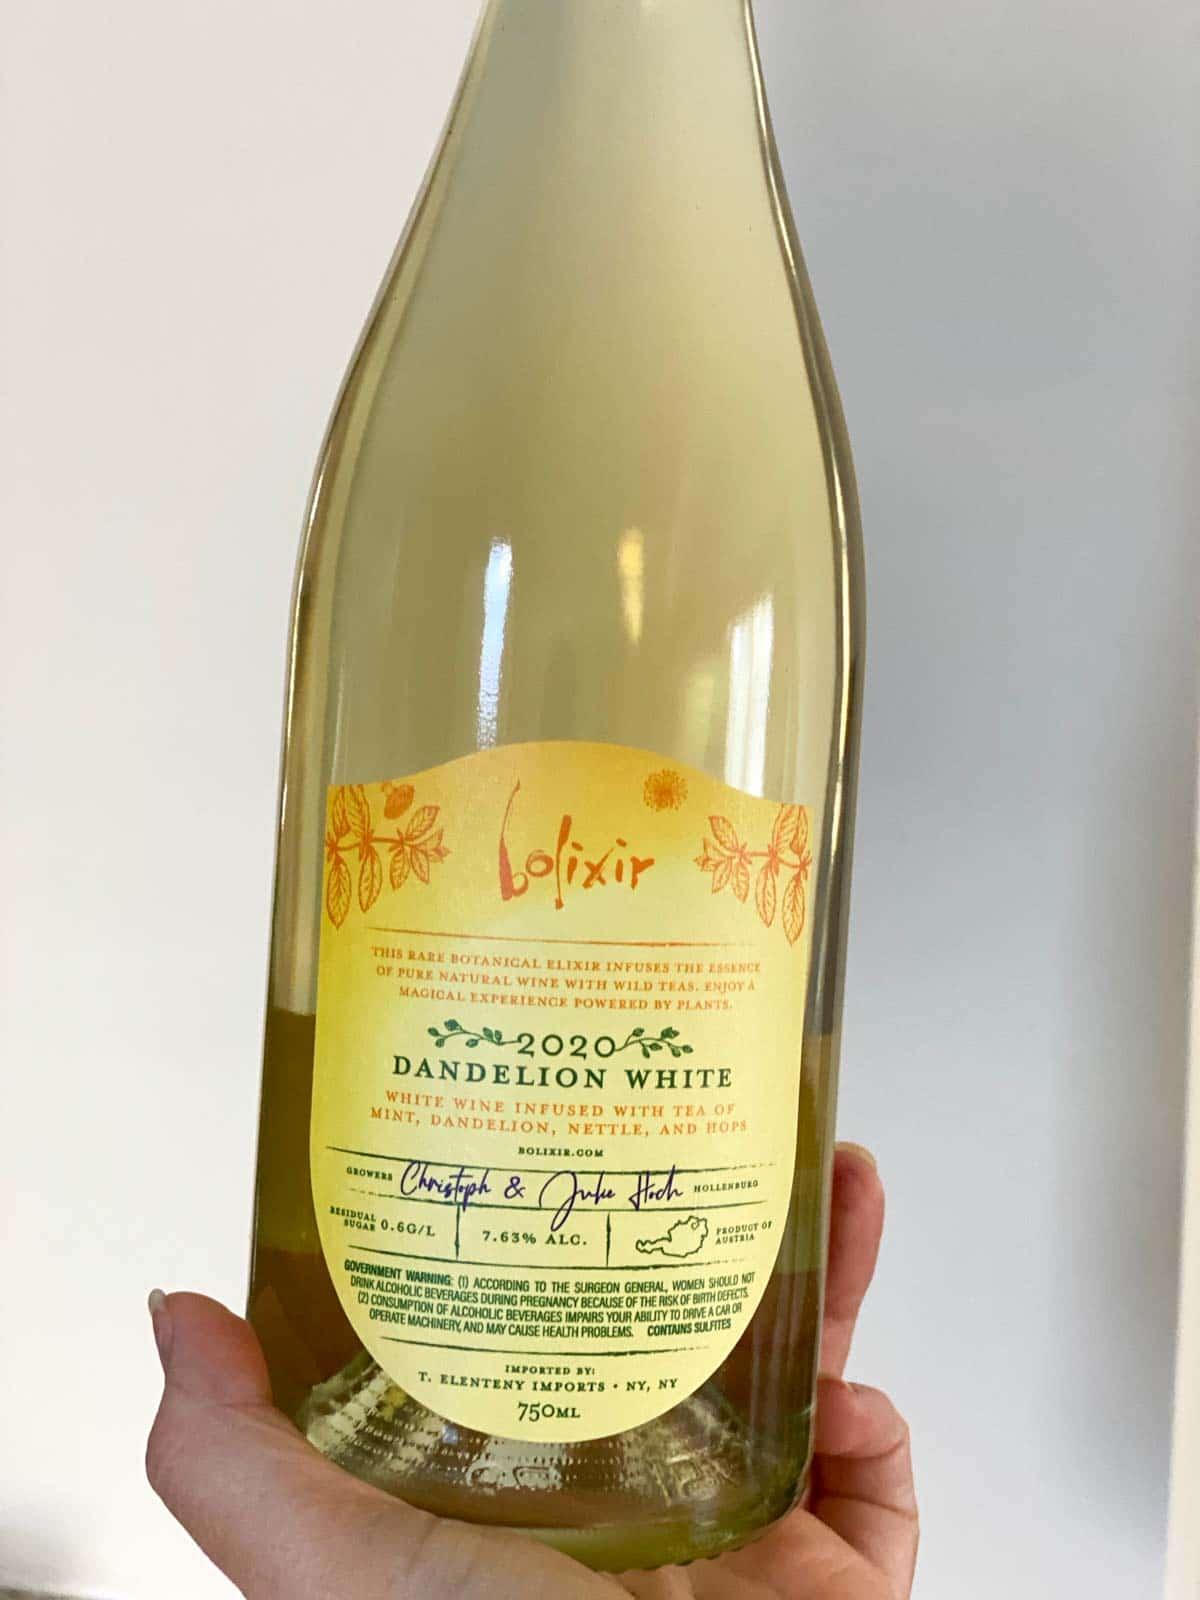 bolixir dandelion white bottle